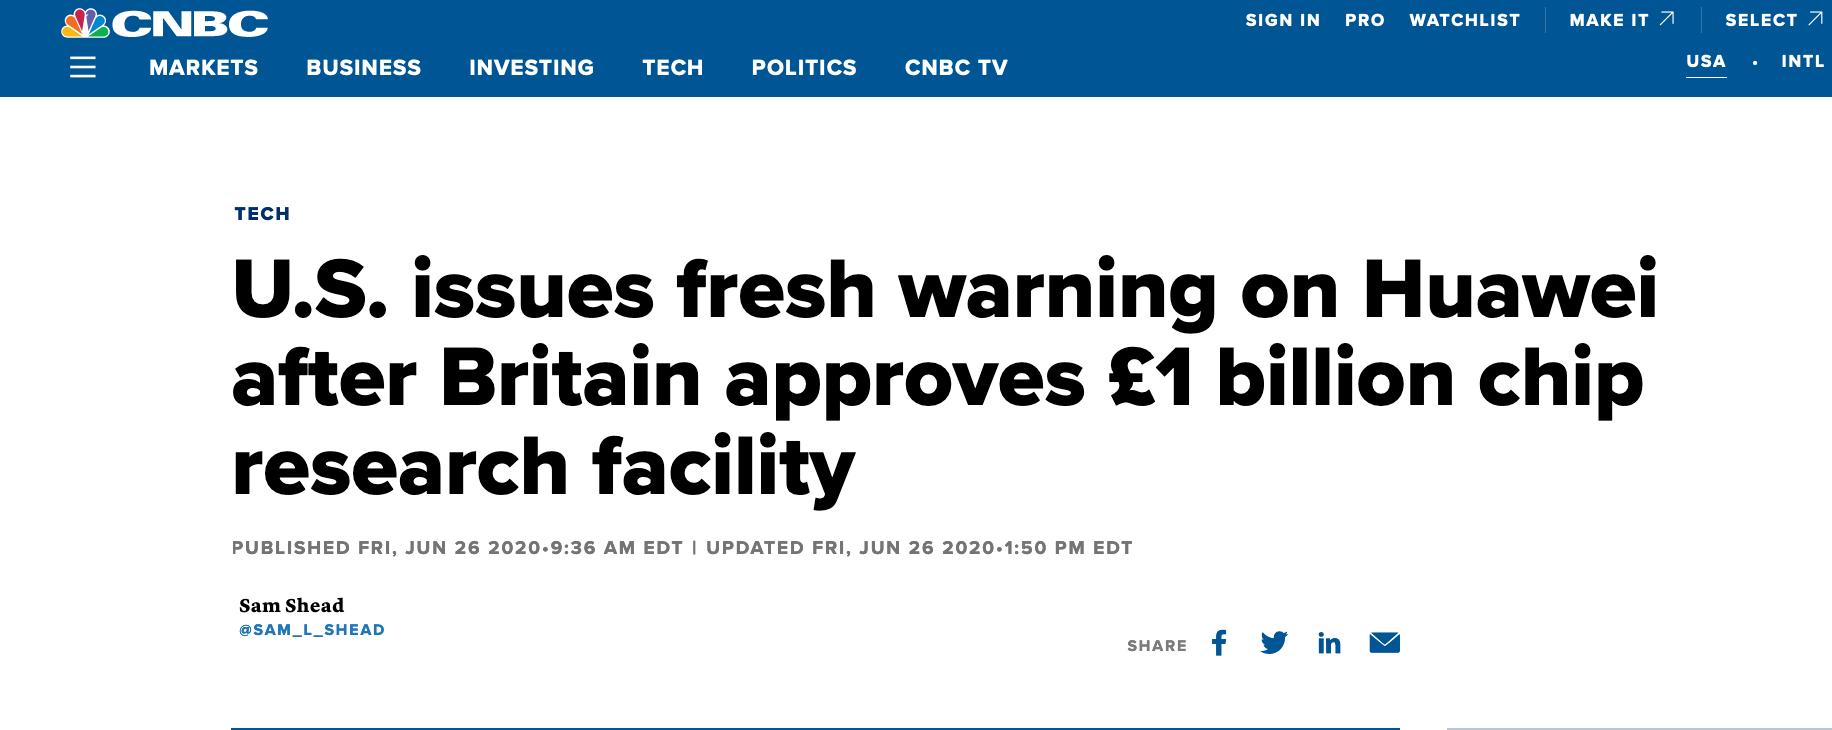 CNBC报道:英国批准华为价值10亿英镑的芯片研发设施建设后,美国就华为发出了新的警告